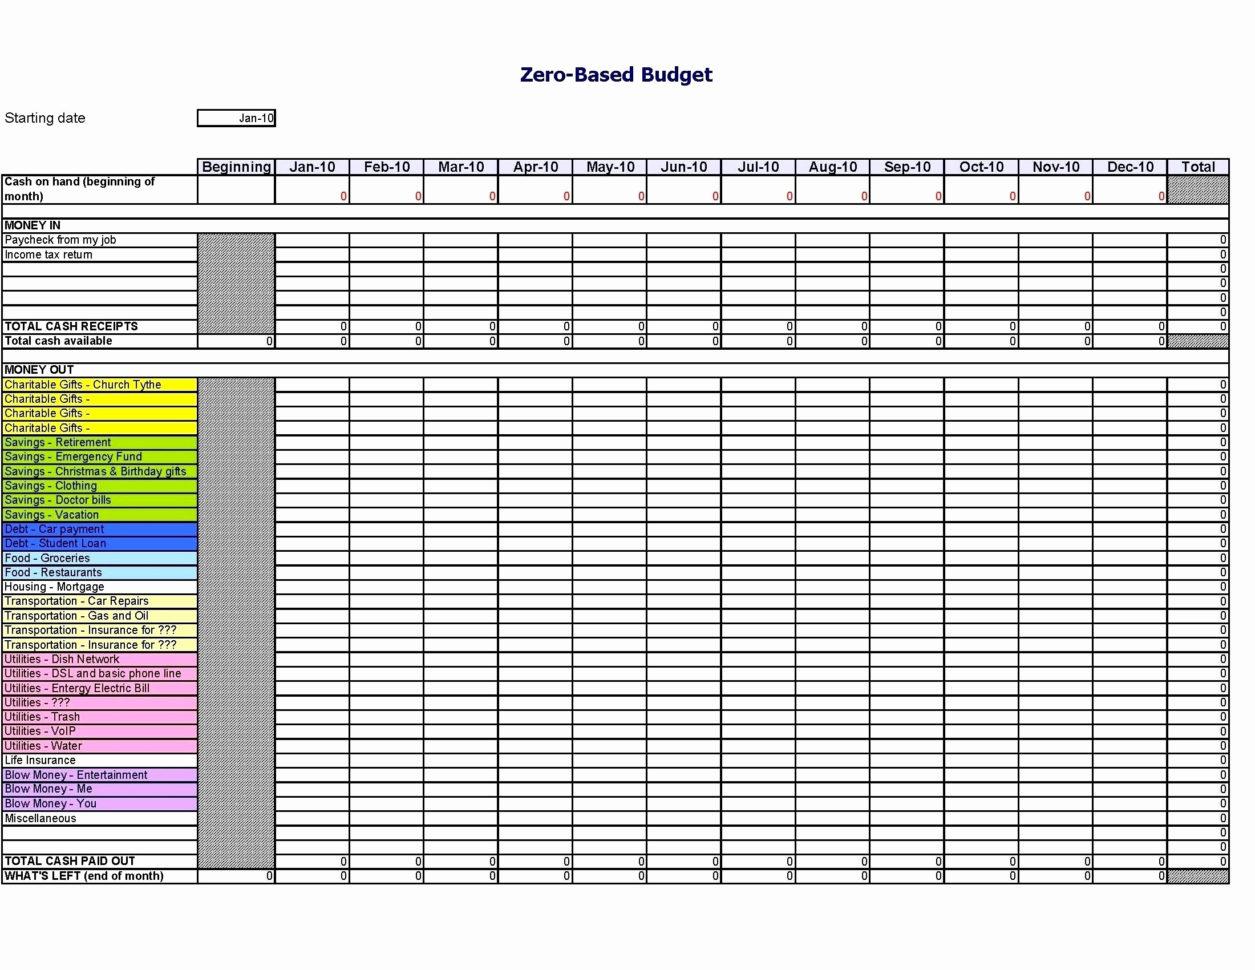 College Application Spreadsheet Checklist Within College Application Spreadsheet Checklist  Austinroofing